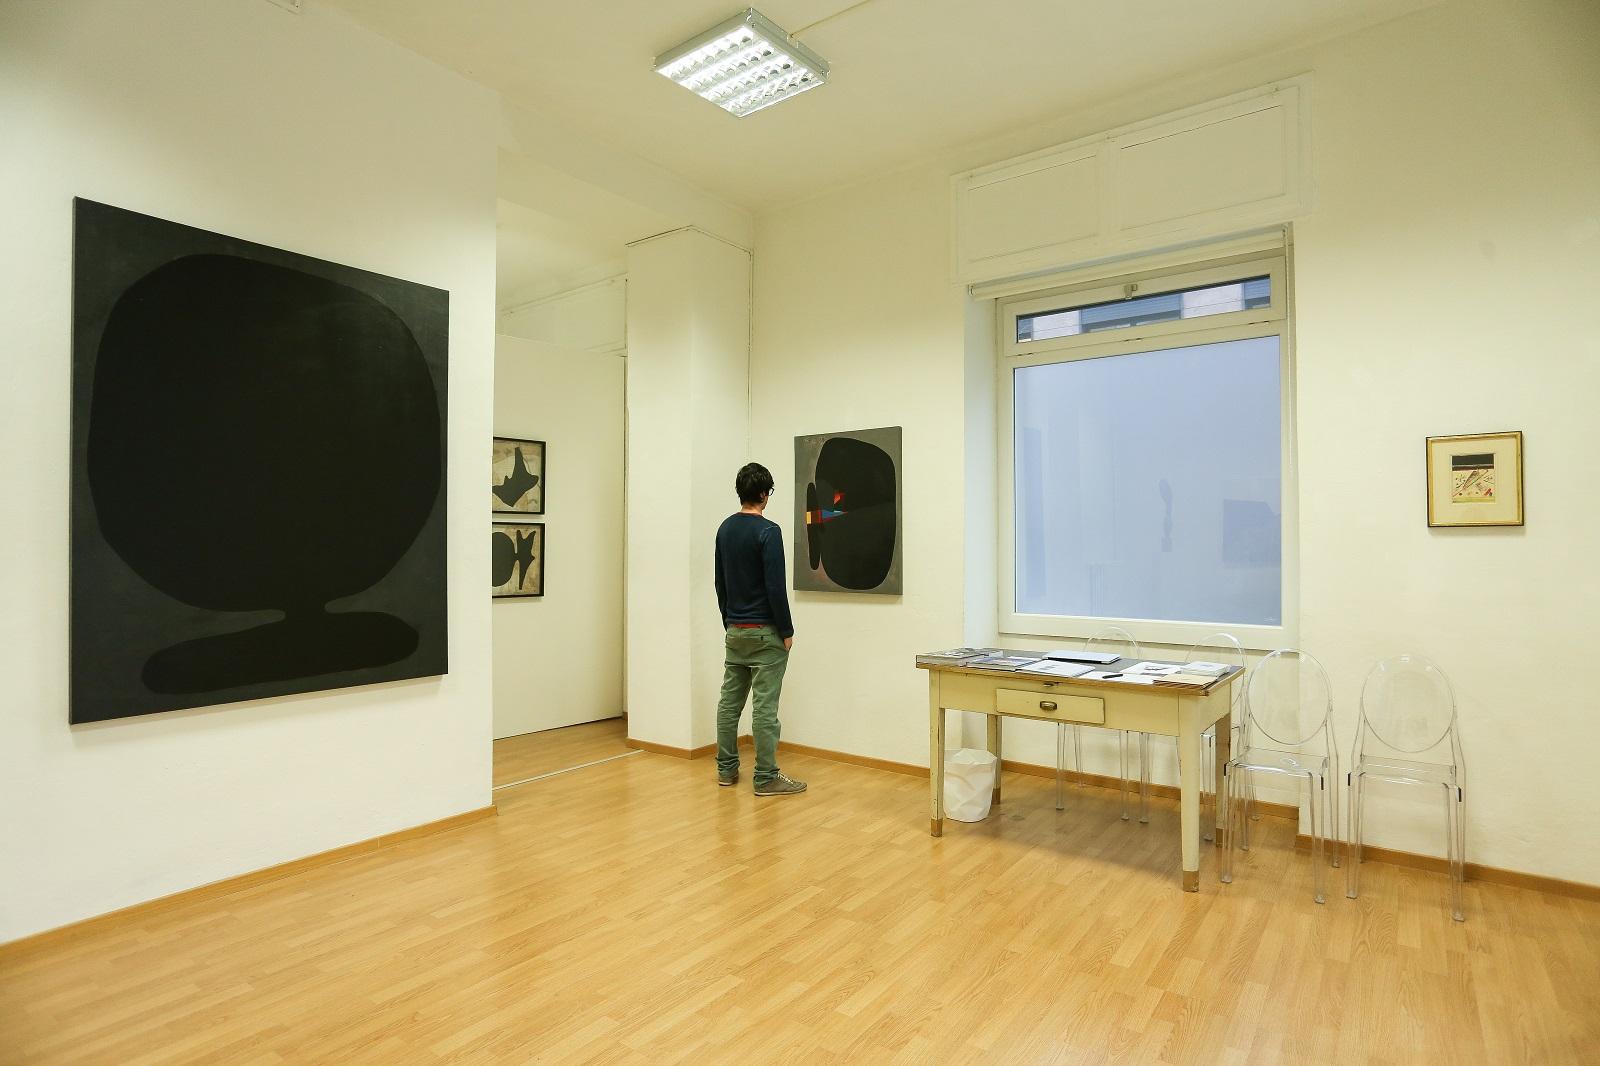 108-la-forma-e-lignoto-at-ego-gallery-recap-01